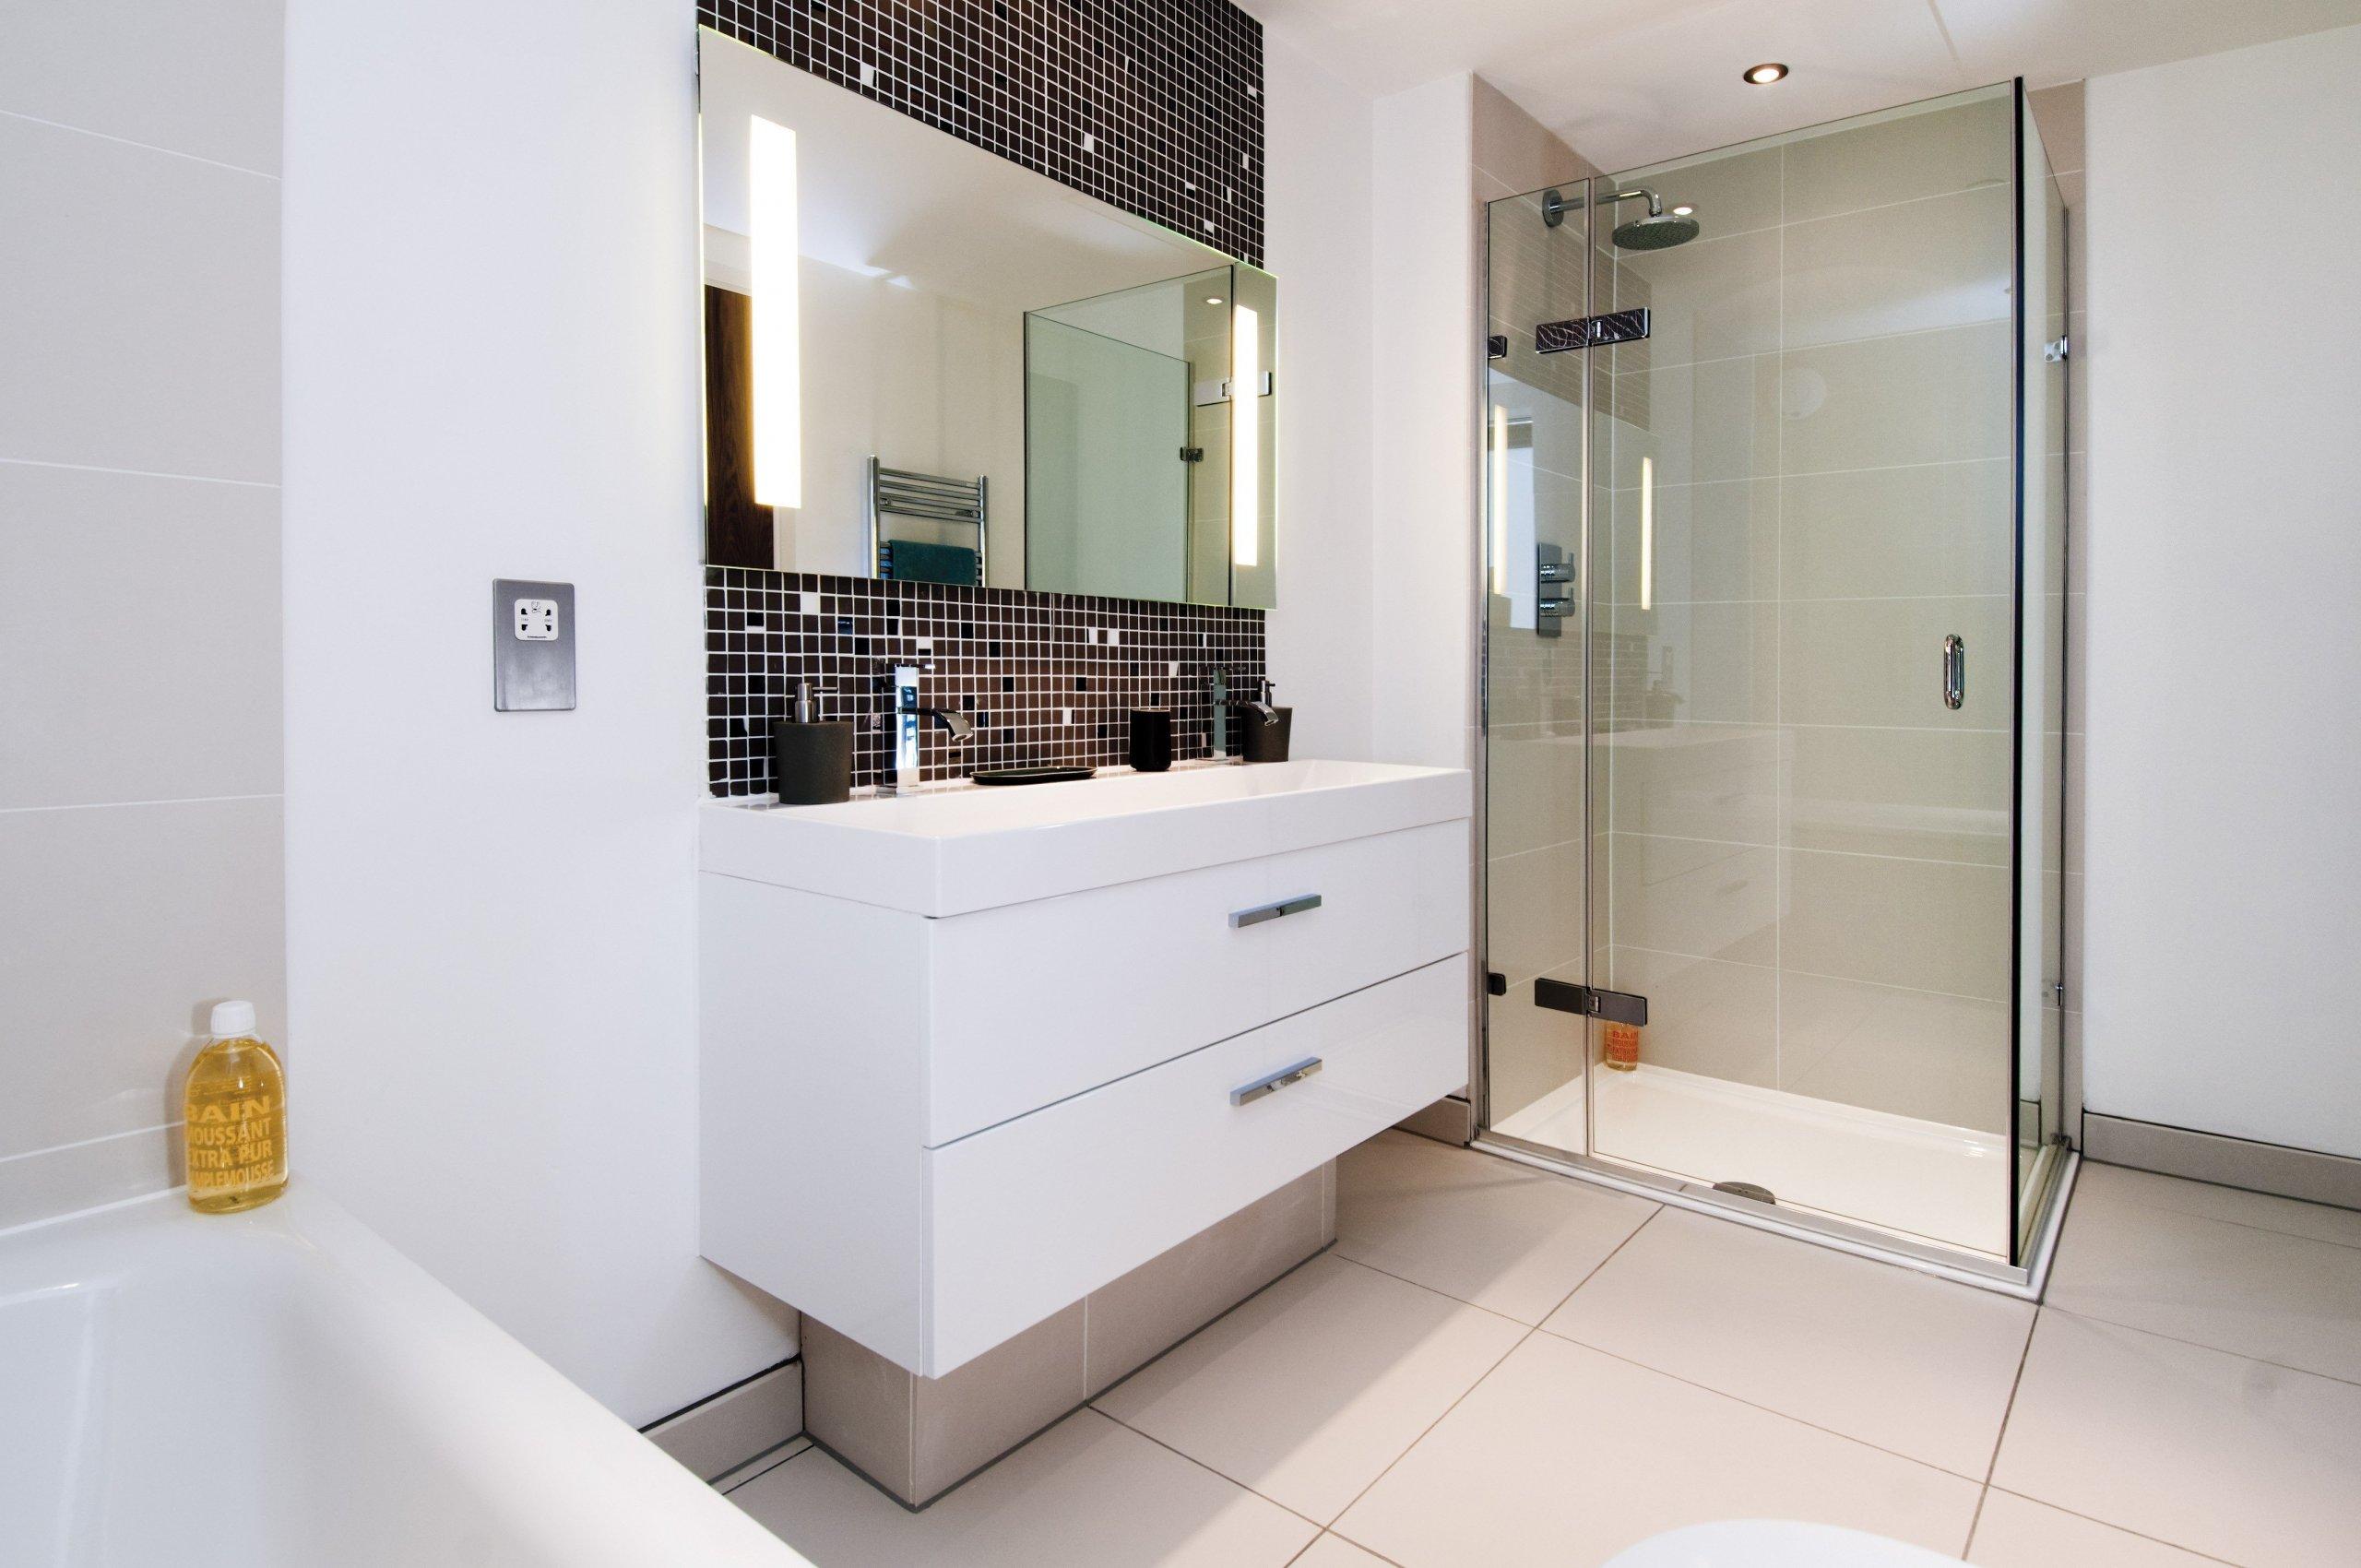 Nový dům v řadové zástavbě má užitnou plochu příjemných 279 m2, které jsou rozděleny do přízemí a tří nadzemních podlaží. Majitelé se rozhodli koupit nemovitost v půvabné části severního Londýna - Crouch End, kde je těší výhled na historickou budovu Alexandra Palace. Interiér bravurně zvládli designéři ze studia LLI Design.